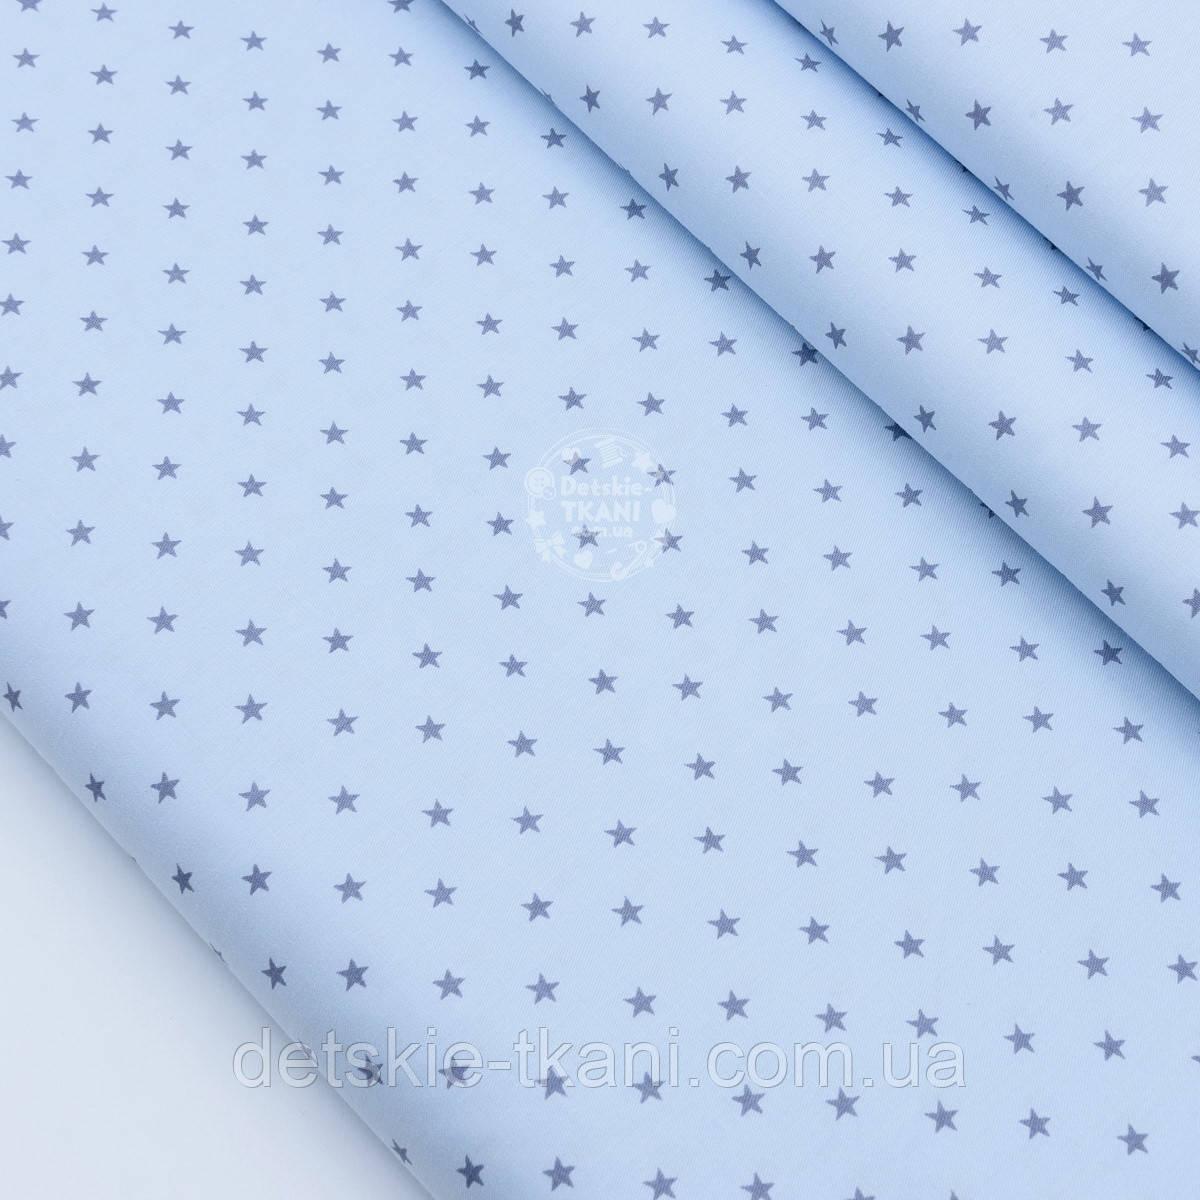 """Лоскут сатина """"Мелкие одинаковые звёздочки в шахматном порядке"""" серые на голубом, , размер 25*80 см№1791с"""